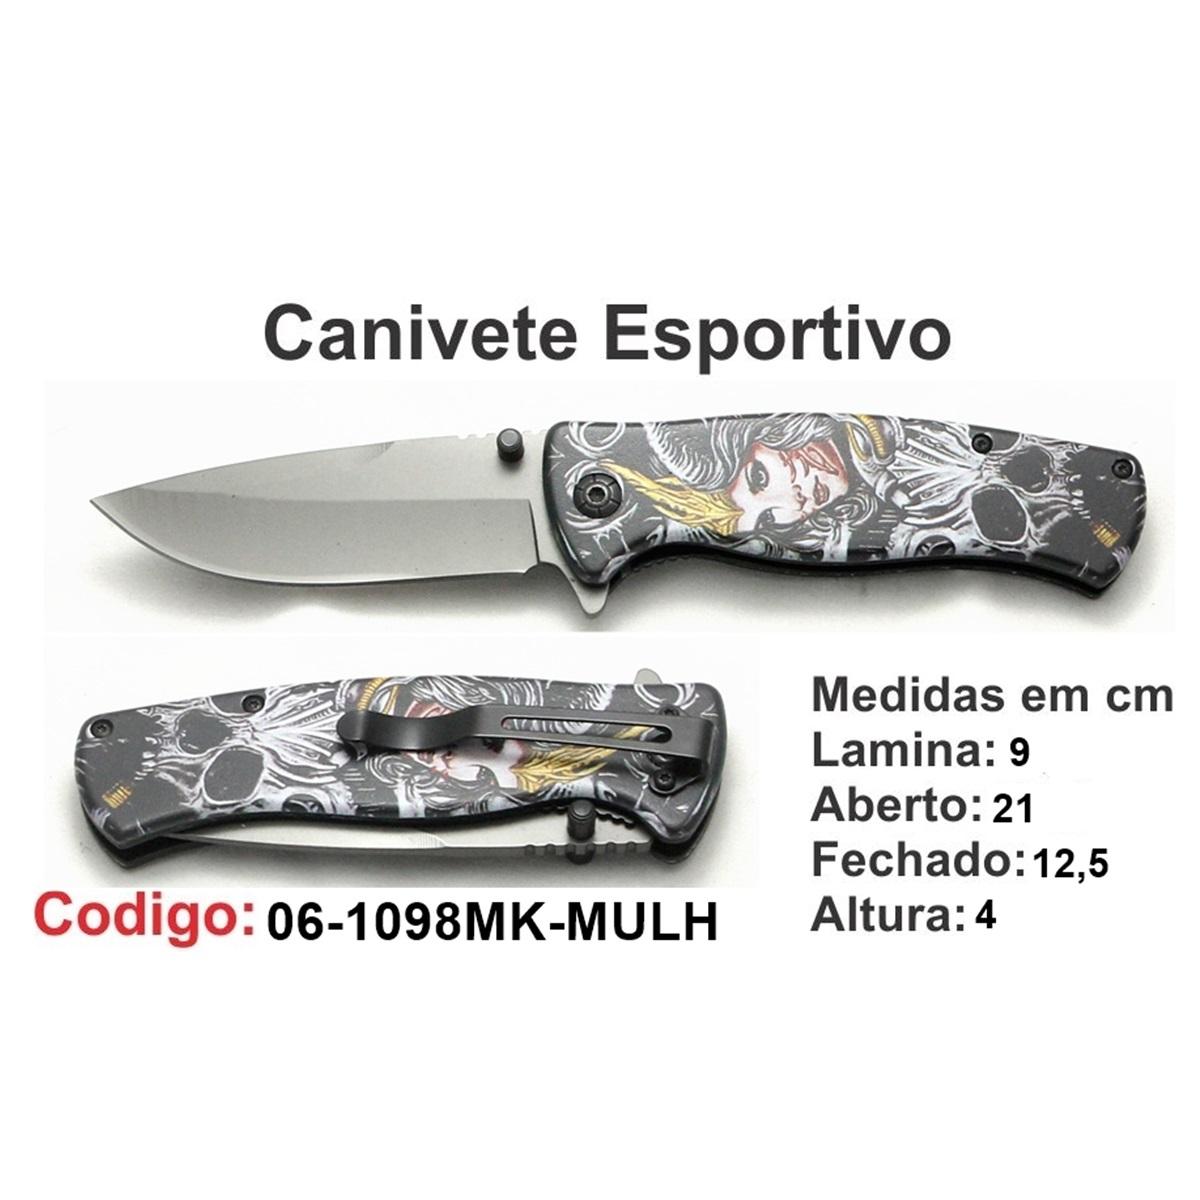 Canivete Esportivo Caça Pesca Etc. 06-1098MK-MULH